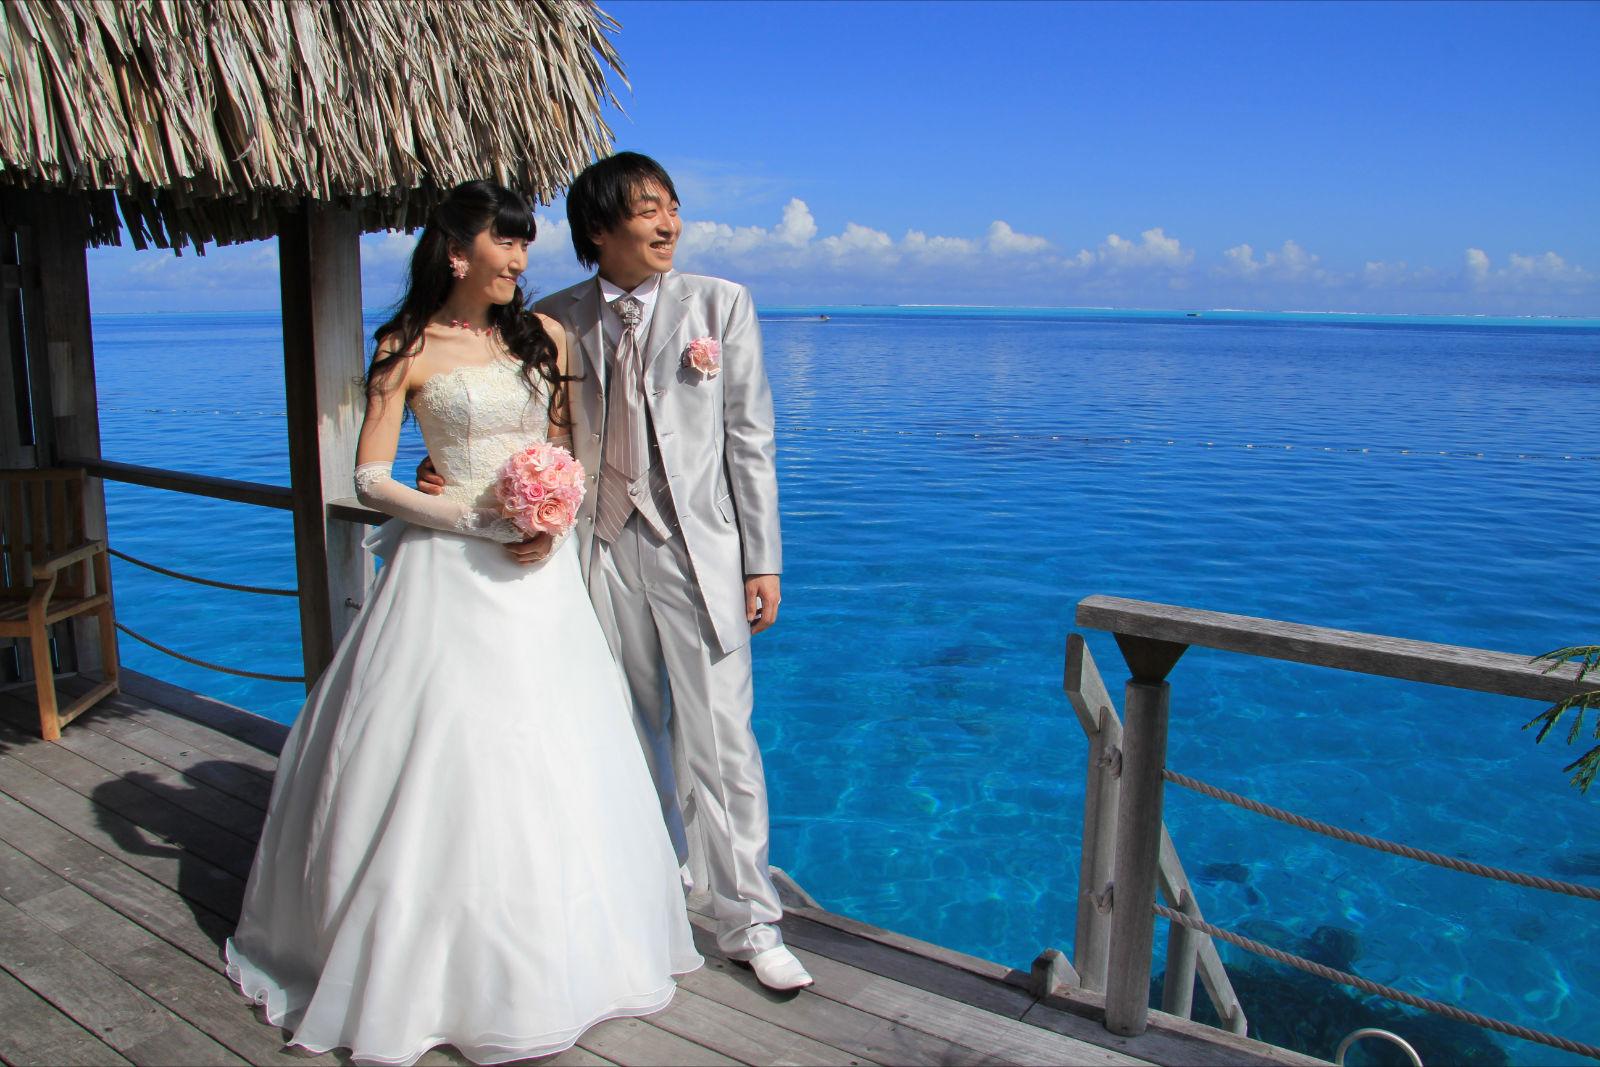 新郎新婦様からのメール 海外ウェディングのブーケ タヒチ、太平洋の真珠に1_a0042928_19453716.jpg